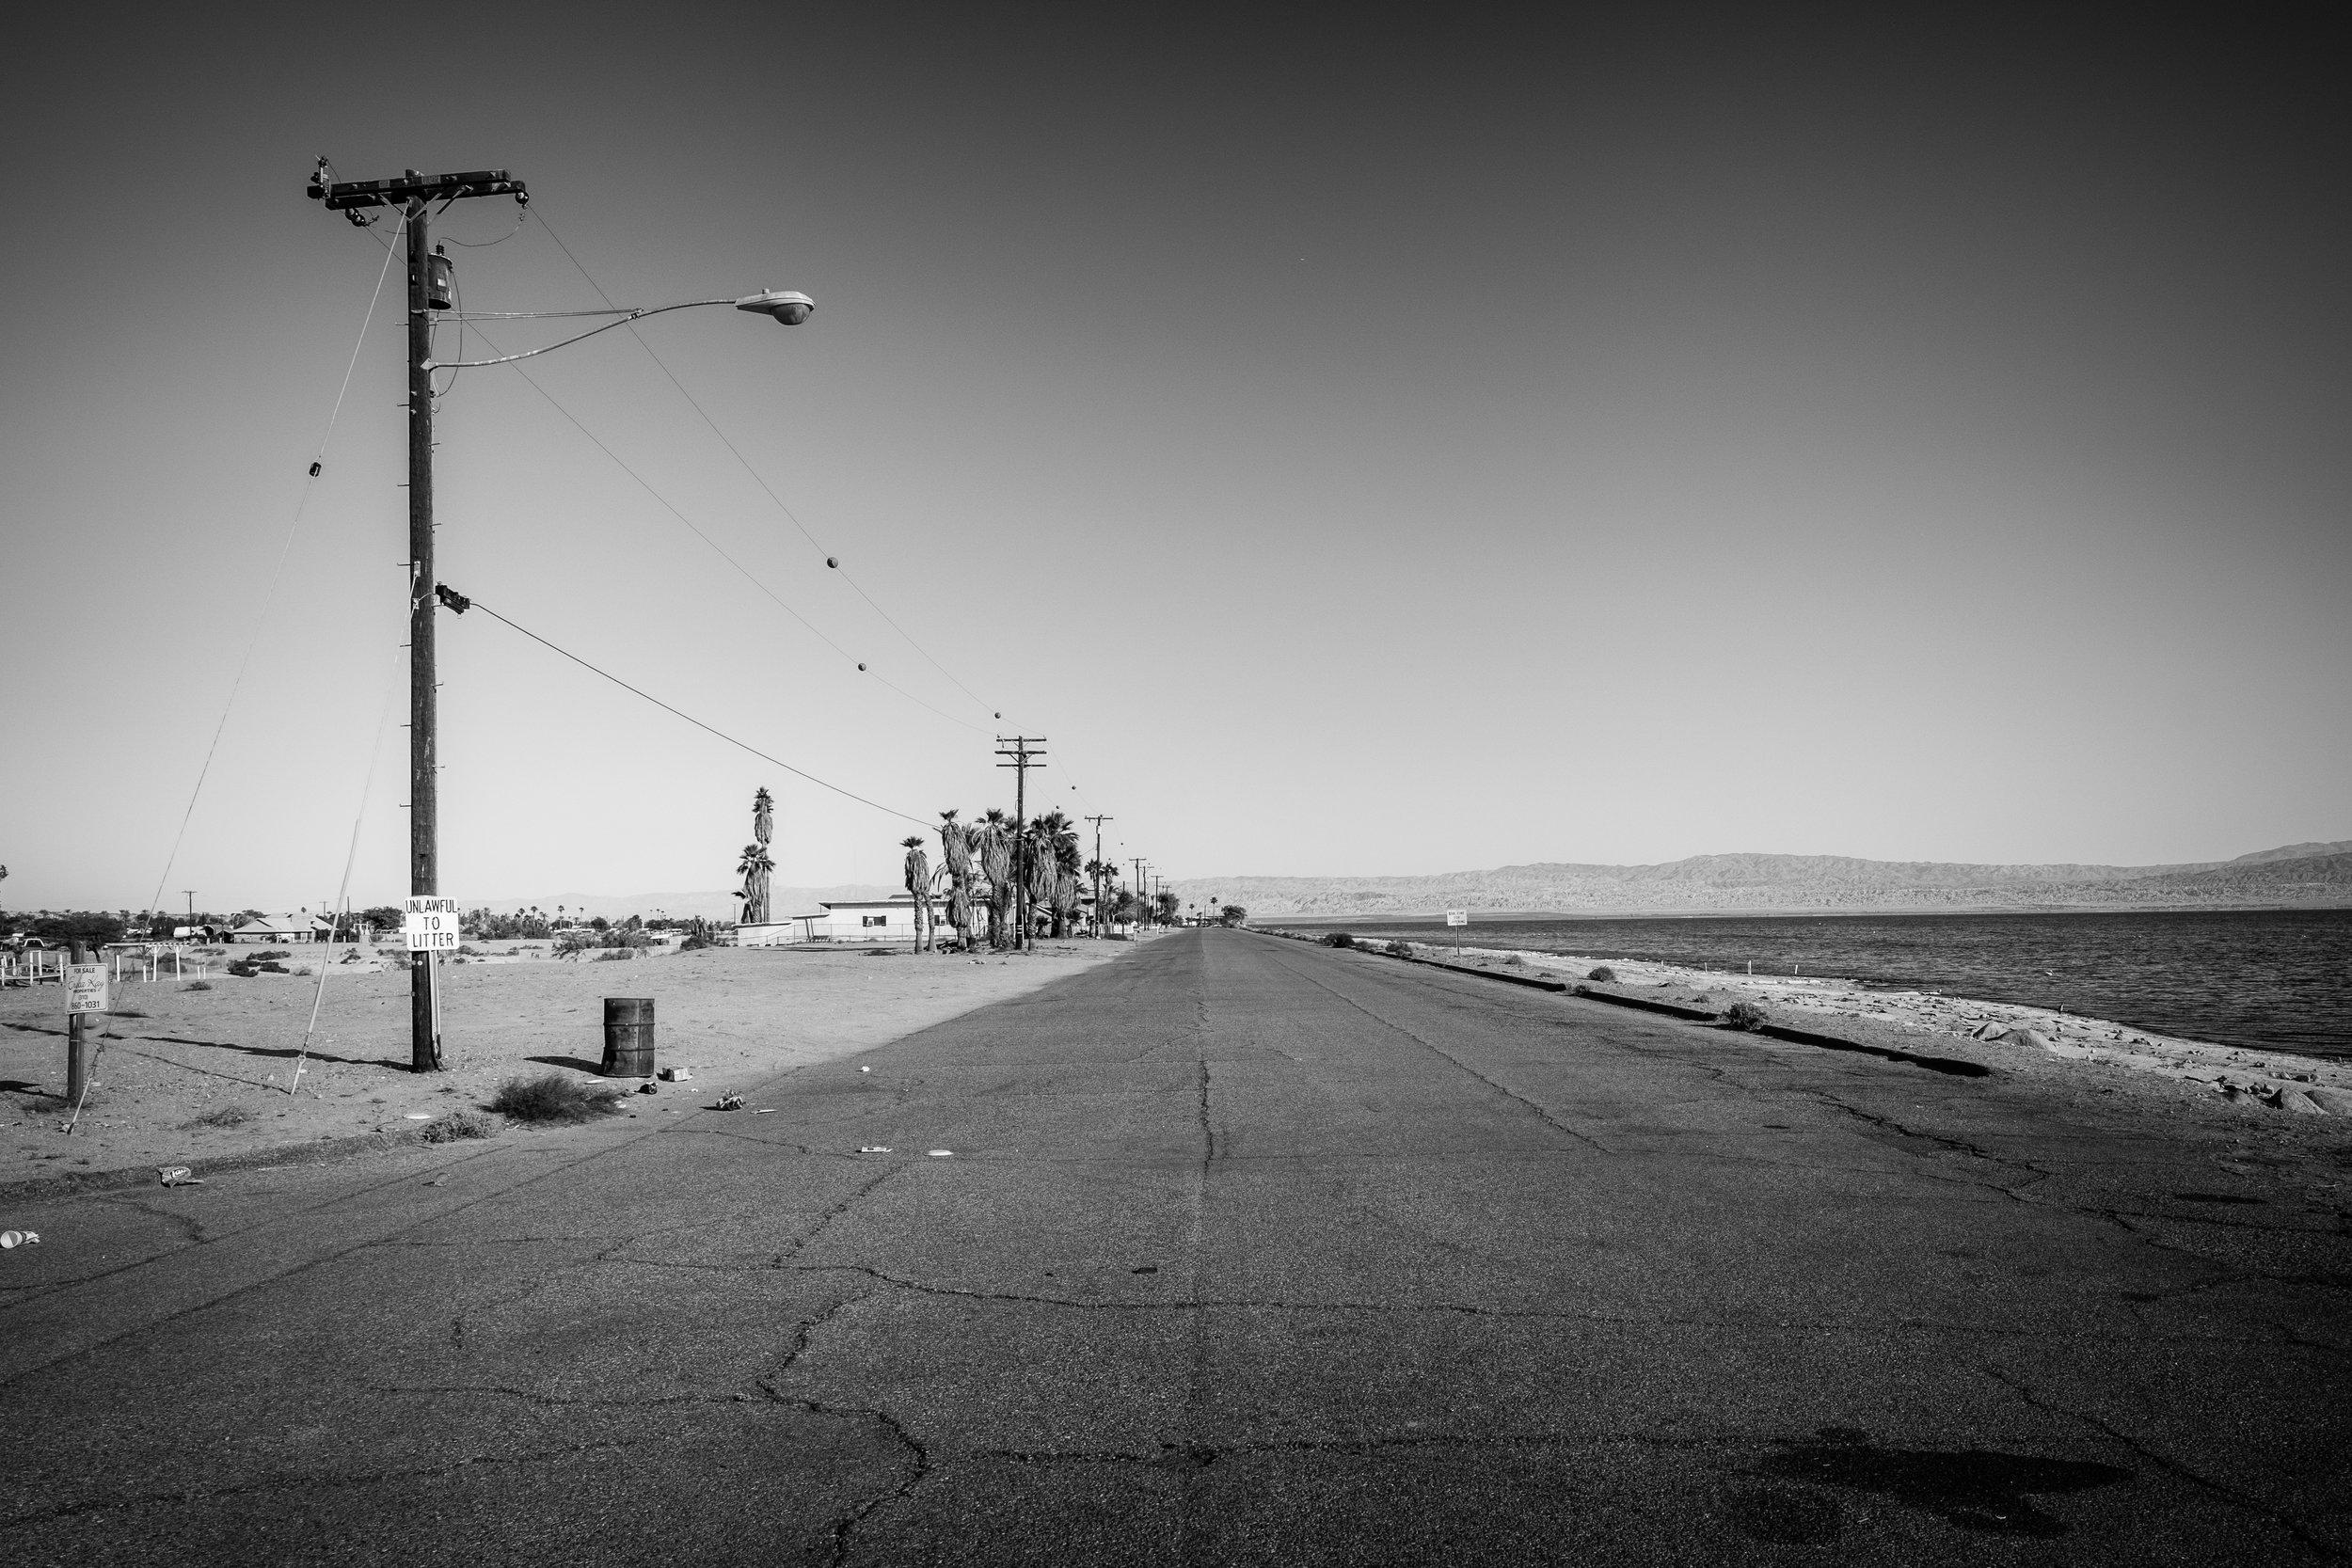 Desert Shores. 1/250 @ f8, ISO 200.